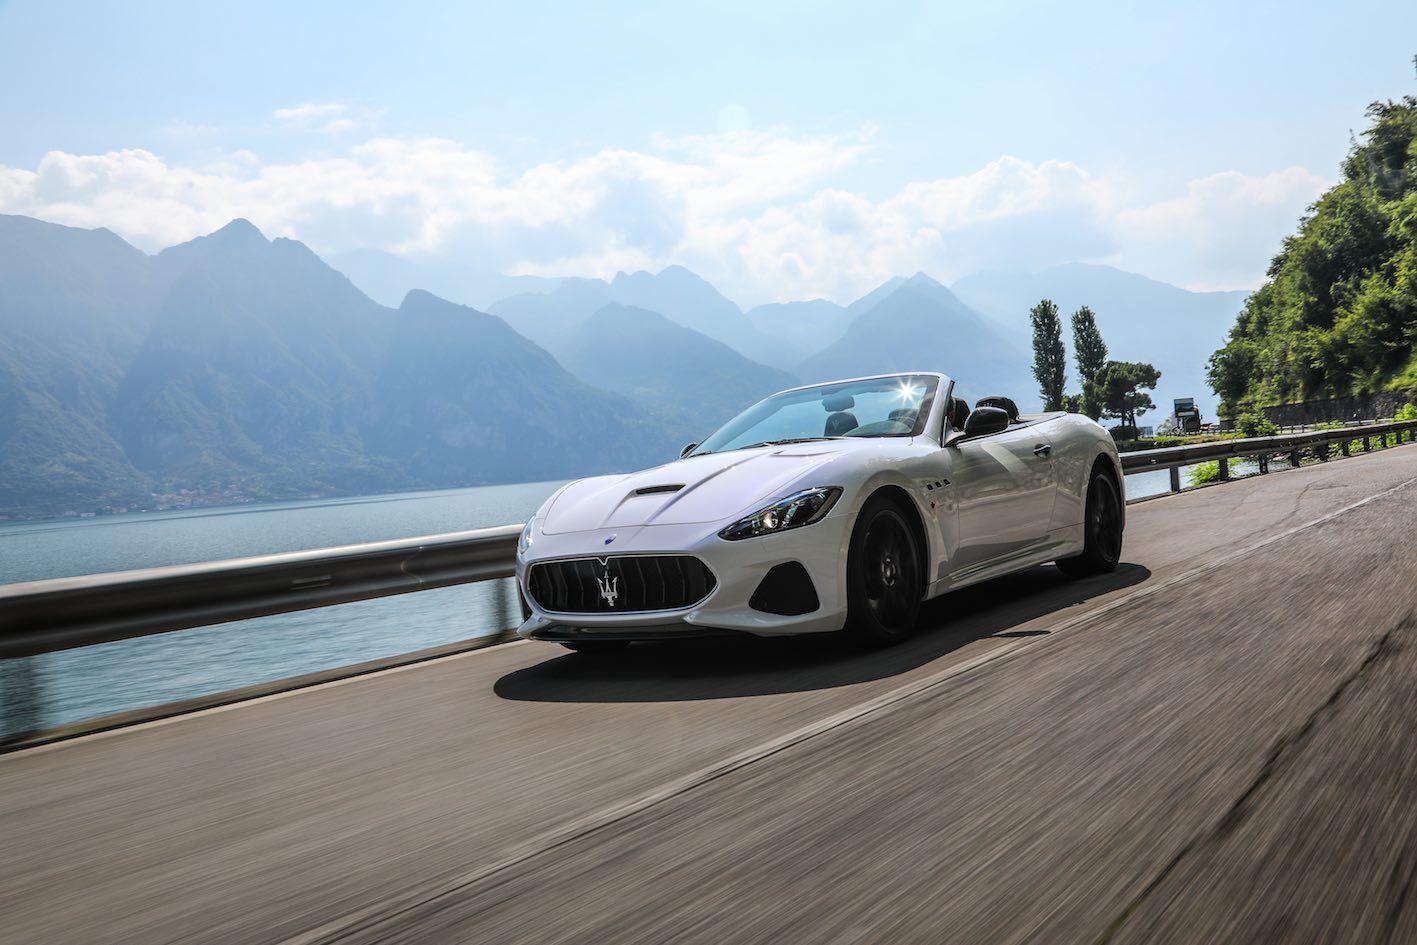 Maserati GranCabrio weiß Fahrt Gardasee Kopie